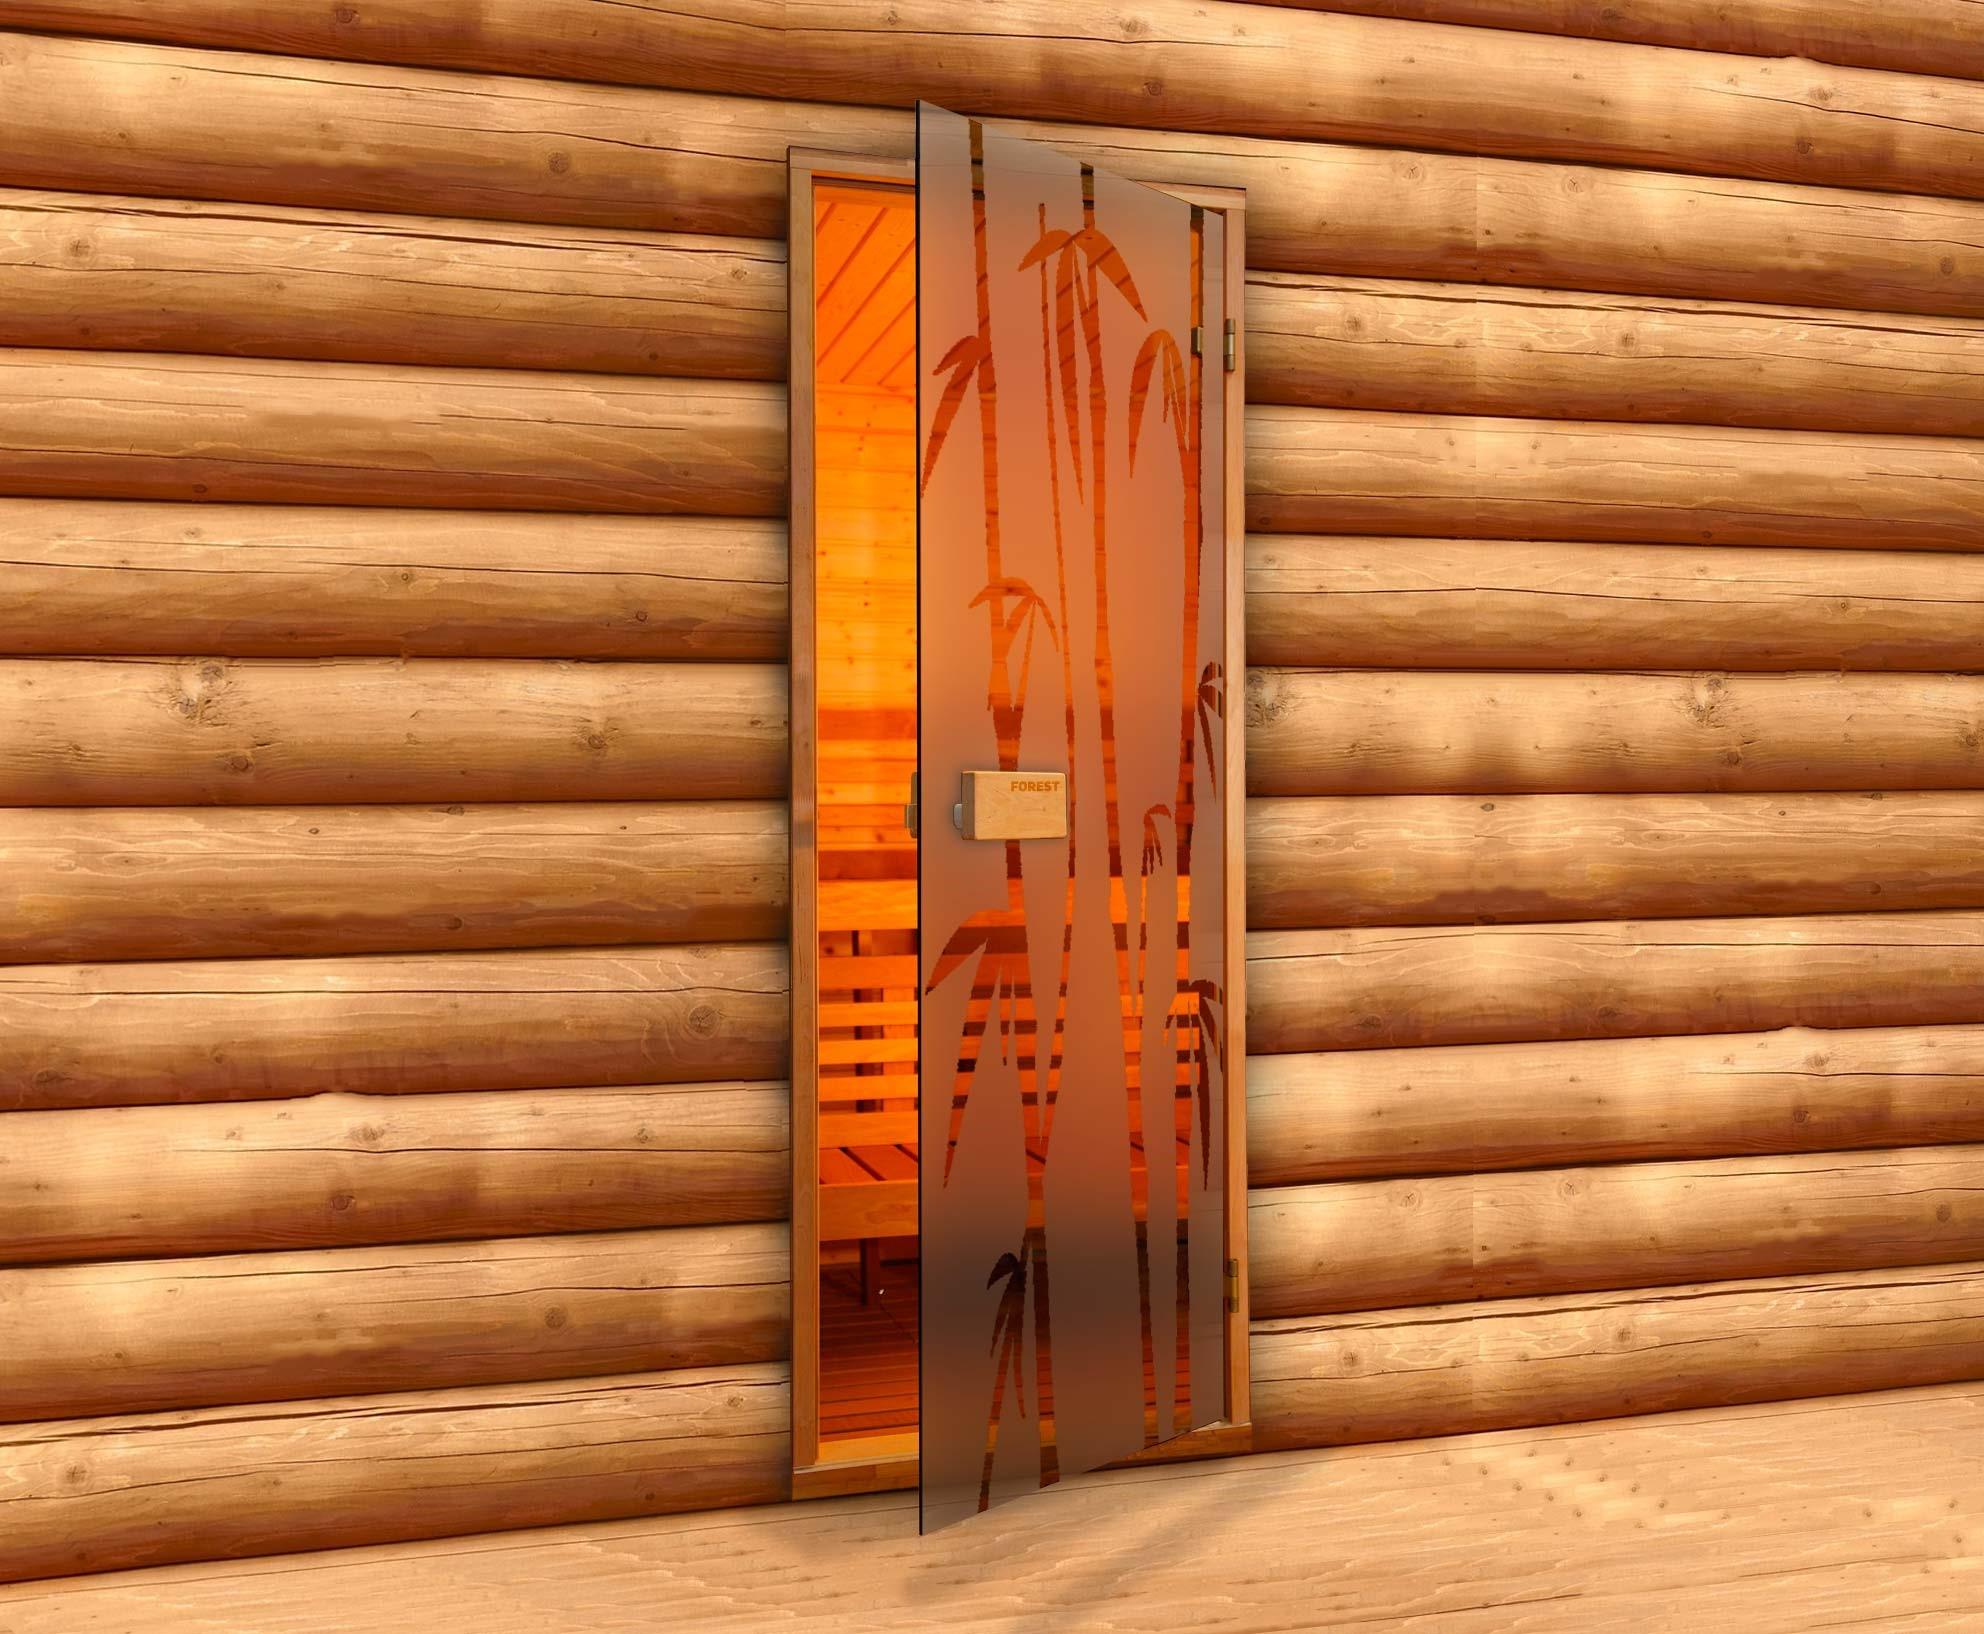 Стеклянные двери для бани 38 фото варианты из стекла с деревянными ручками для сауны 700х1700 как выбрать петли и фурнитуру размеры двери